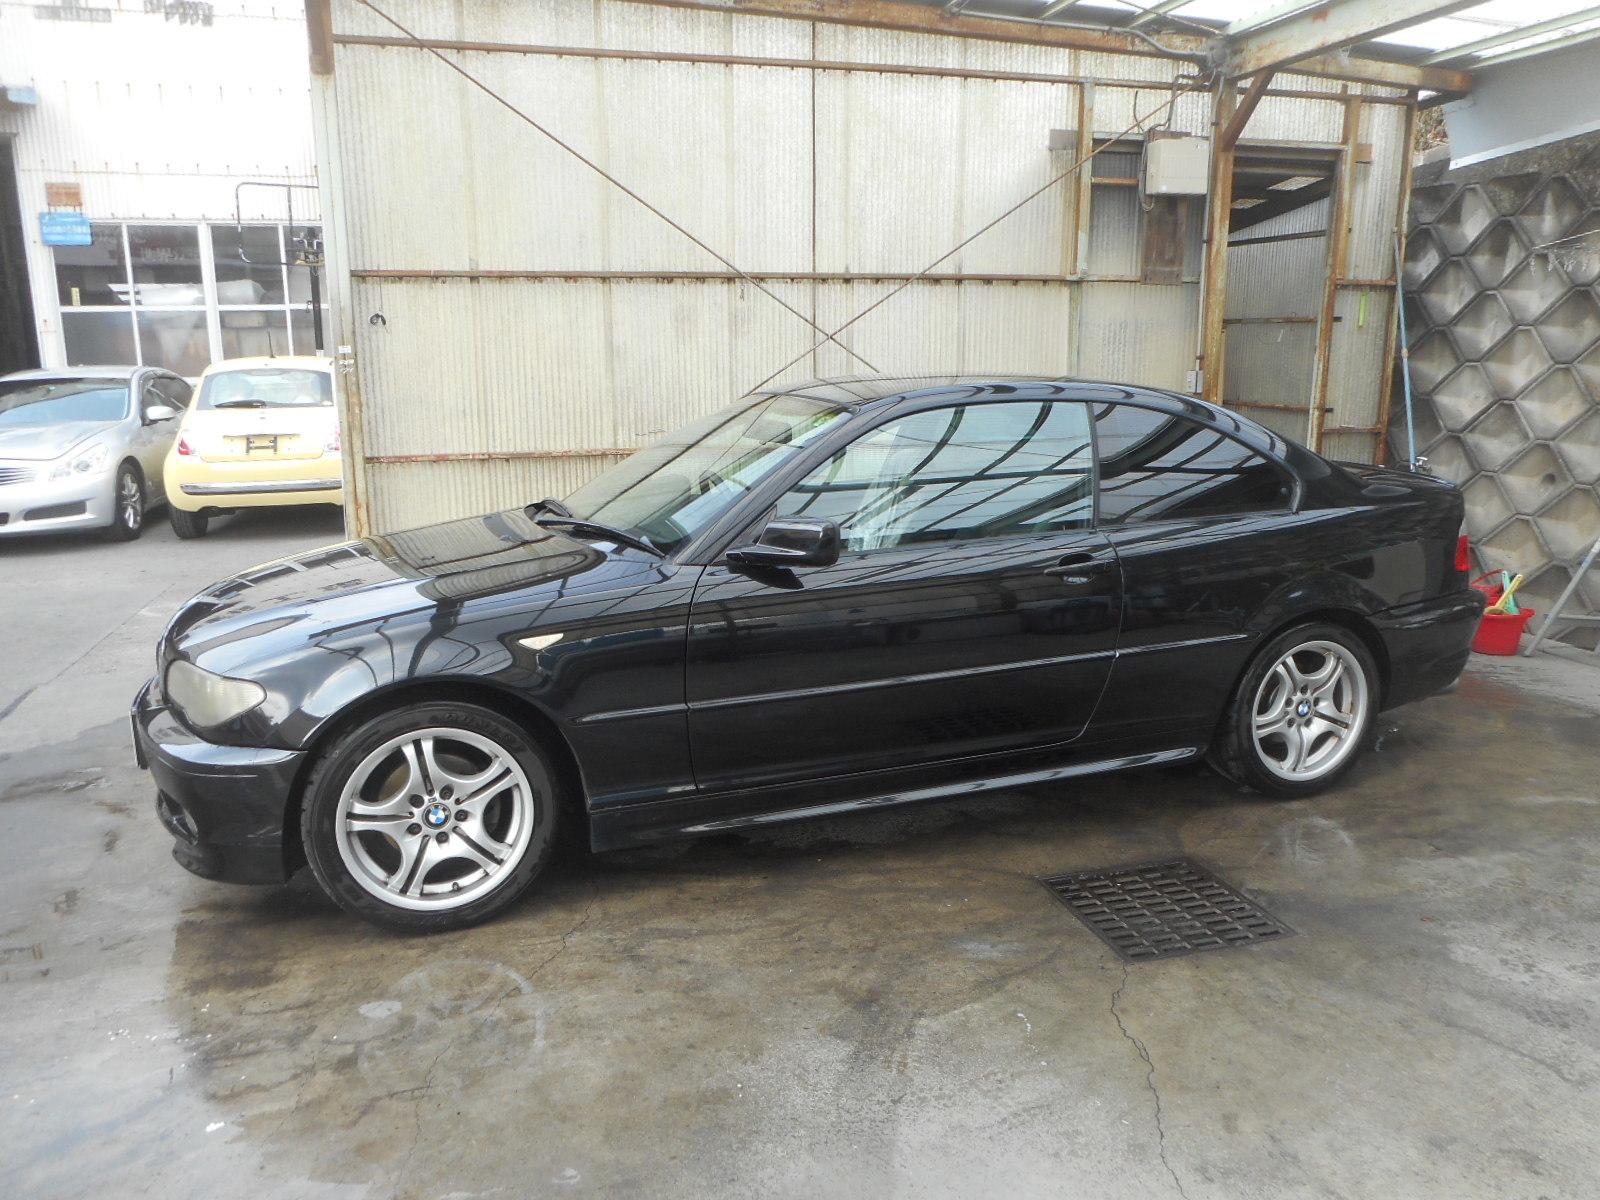 BMW 320i(E46) 充電警告灯点灯 修理(オルタネータ交換)_c0267693_15073870.jpg